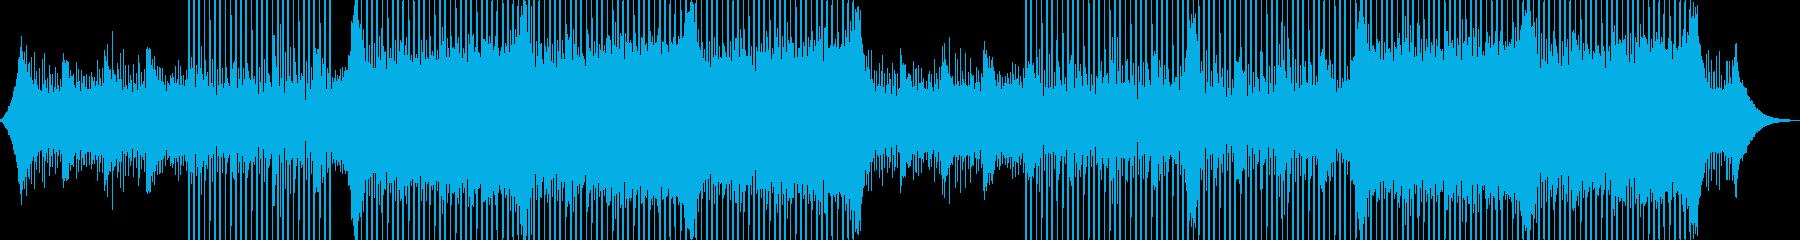 企業VP系23、爽やかギター4つ打ち2aの再生済みの波形